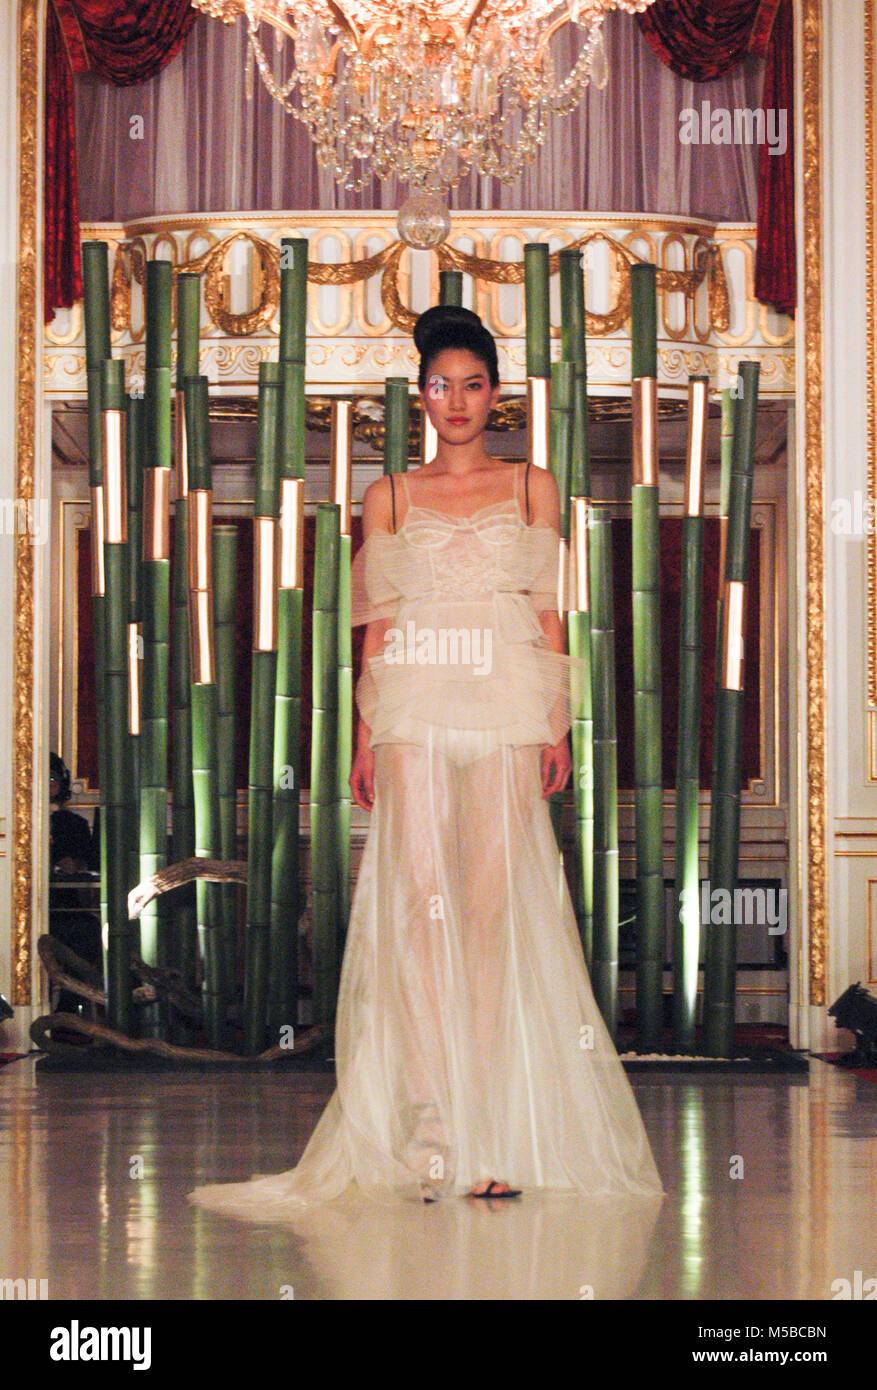 Fein Asiatische Hochzeit Kleider Ideen - Hochzeit Kleid Stile Ideen ...